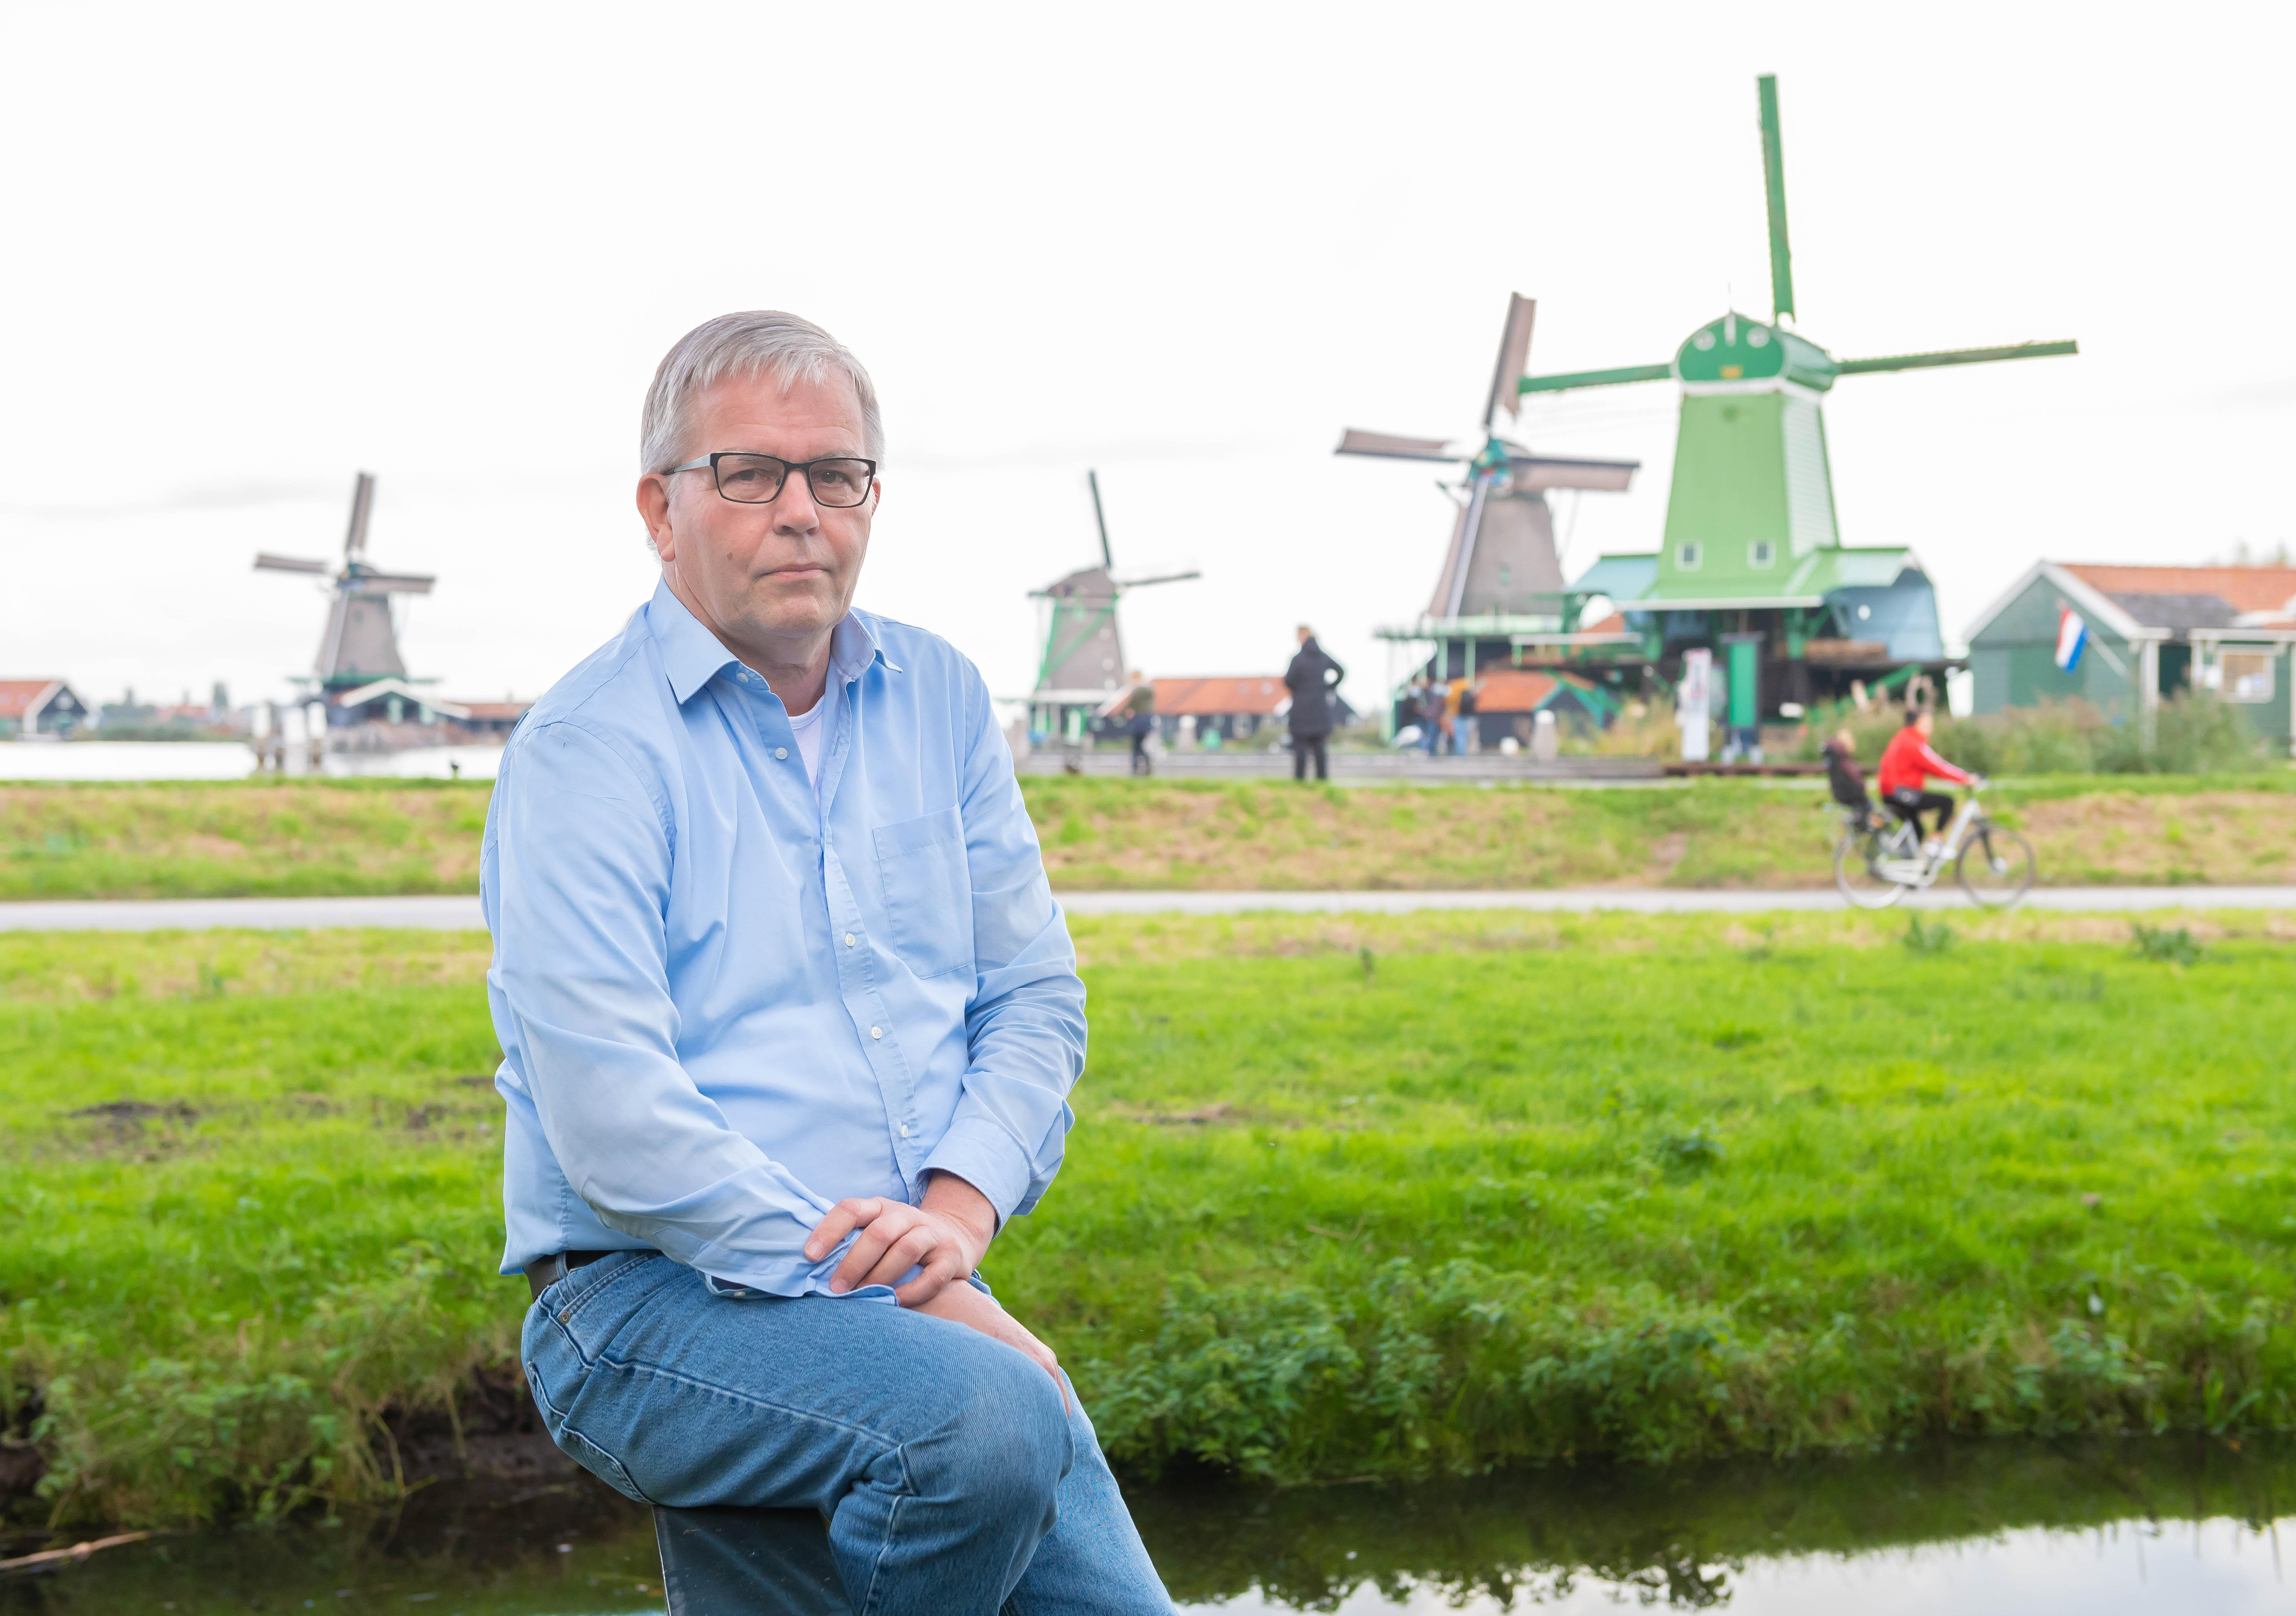 Zaanse Schans leukste uitje van Nederland, 'alsjeblieft niet', laat het leefbaar blijven, vinden bewoners